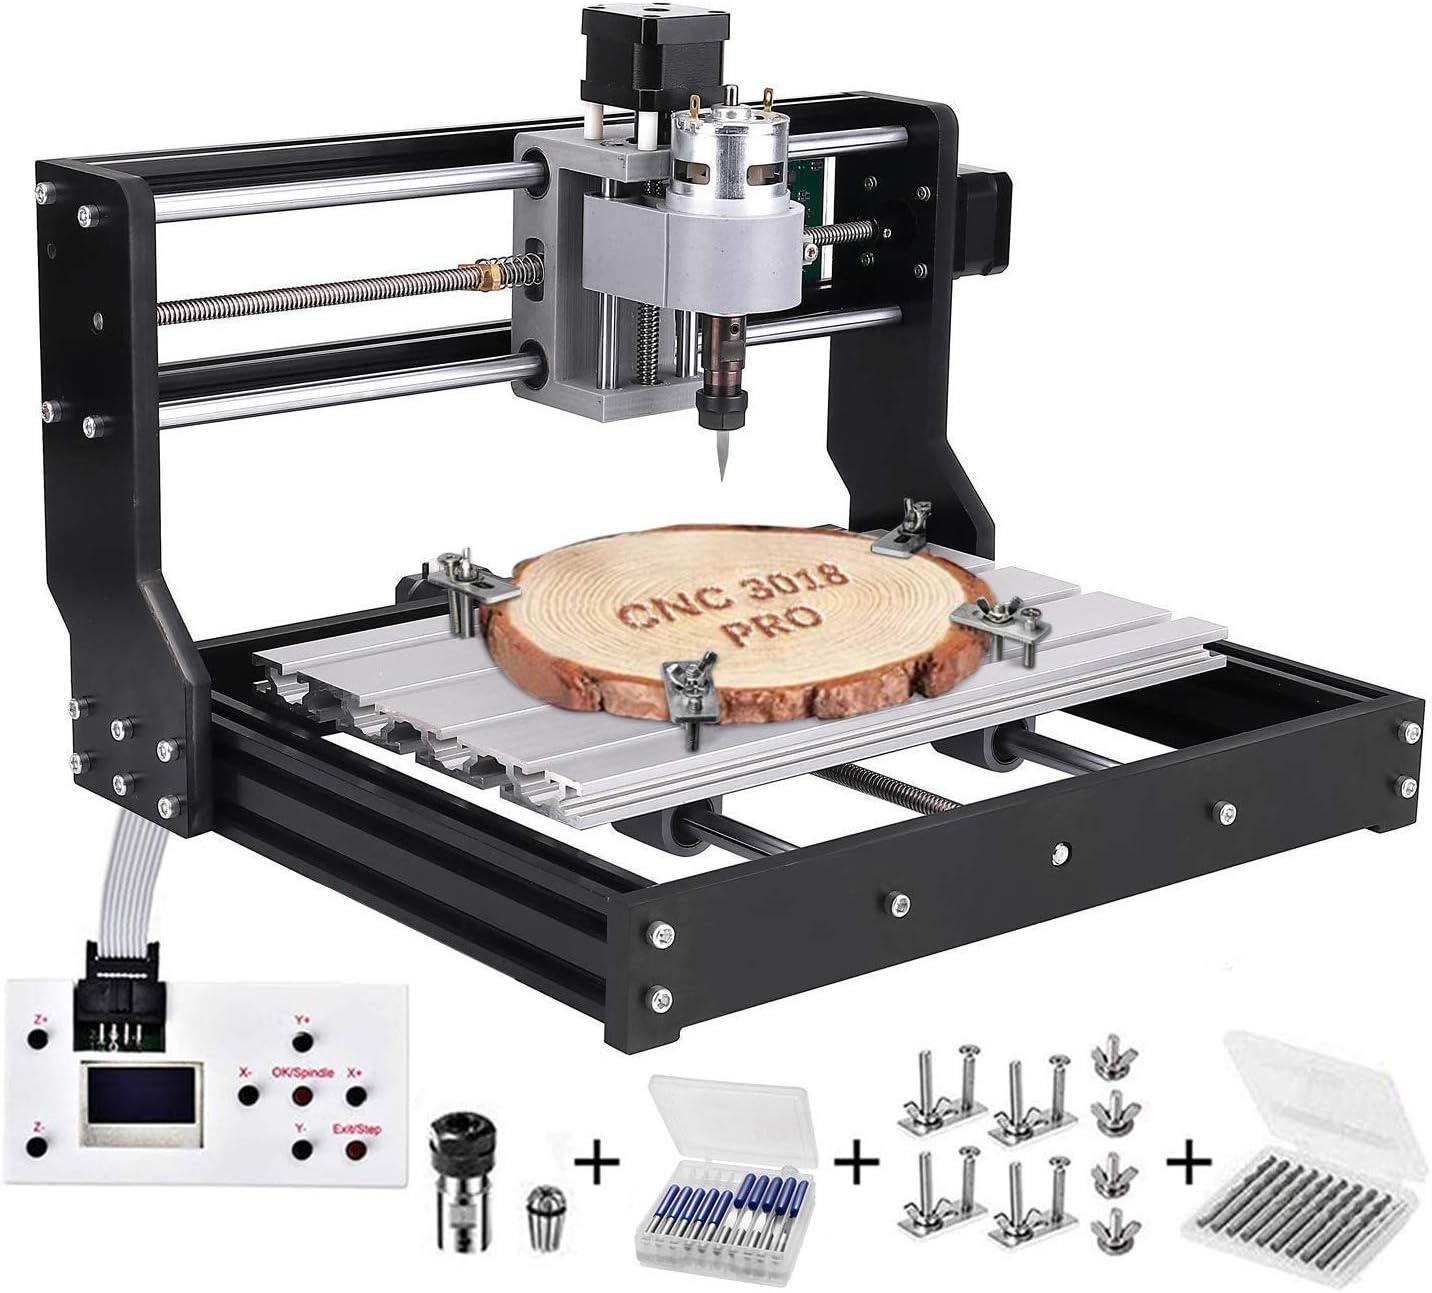 3018 Pro CNC Machine de Gravure laser engraving machine, TOPQSC GRBL Router Graveuse 3 Axe Plastique Acrylique Bois PVC